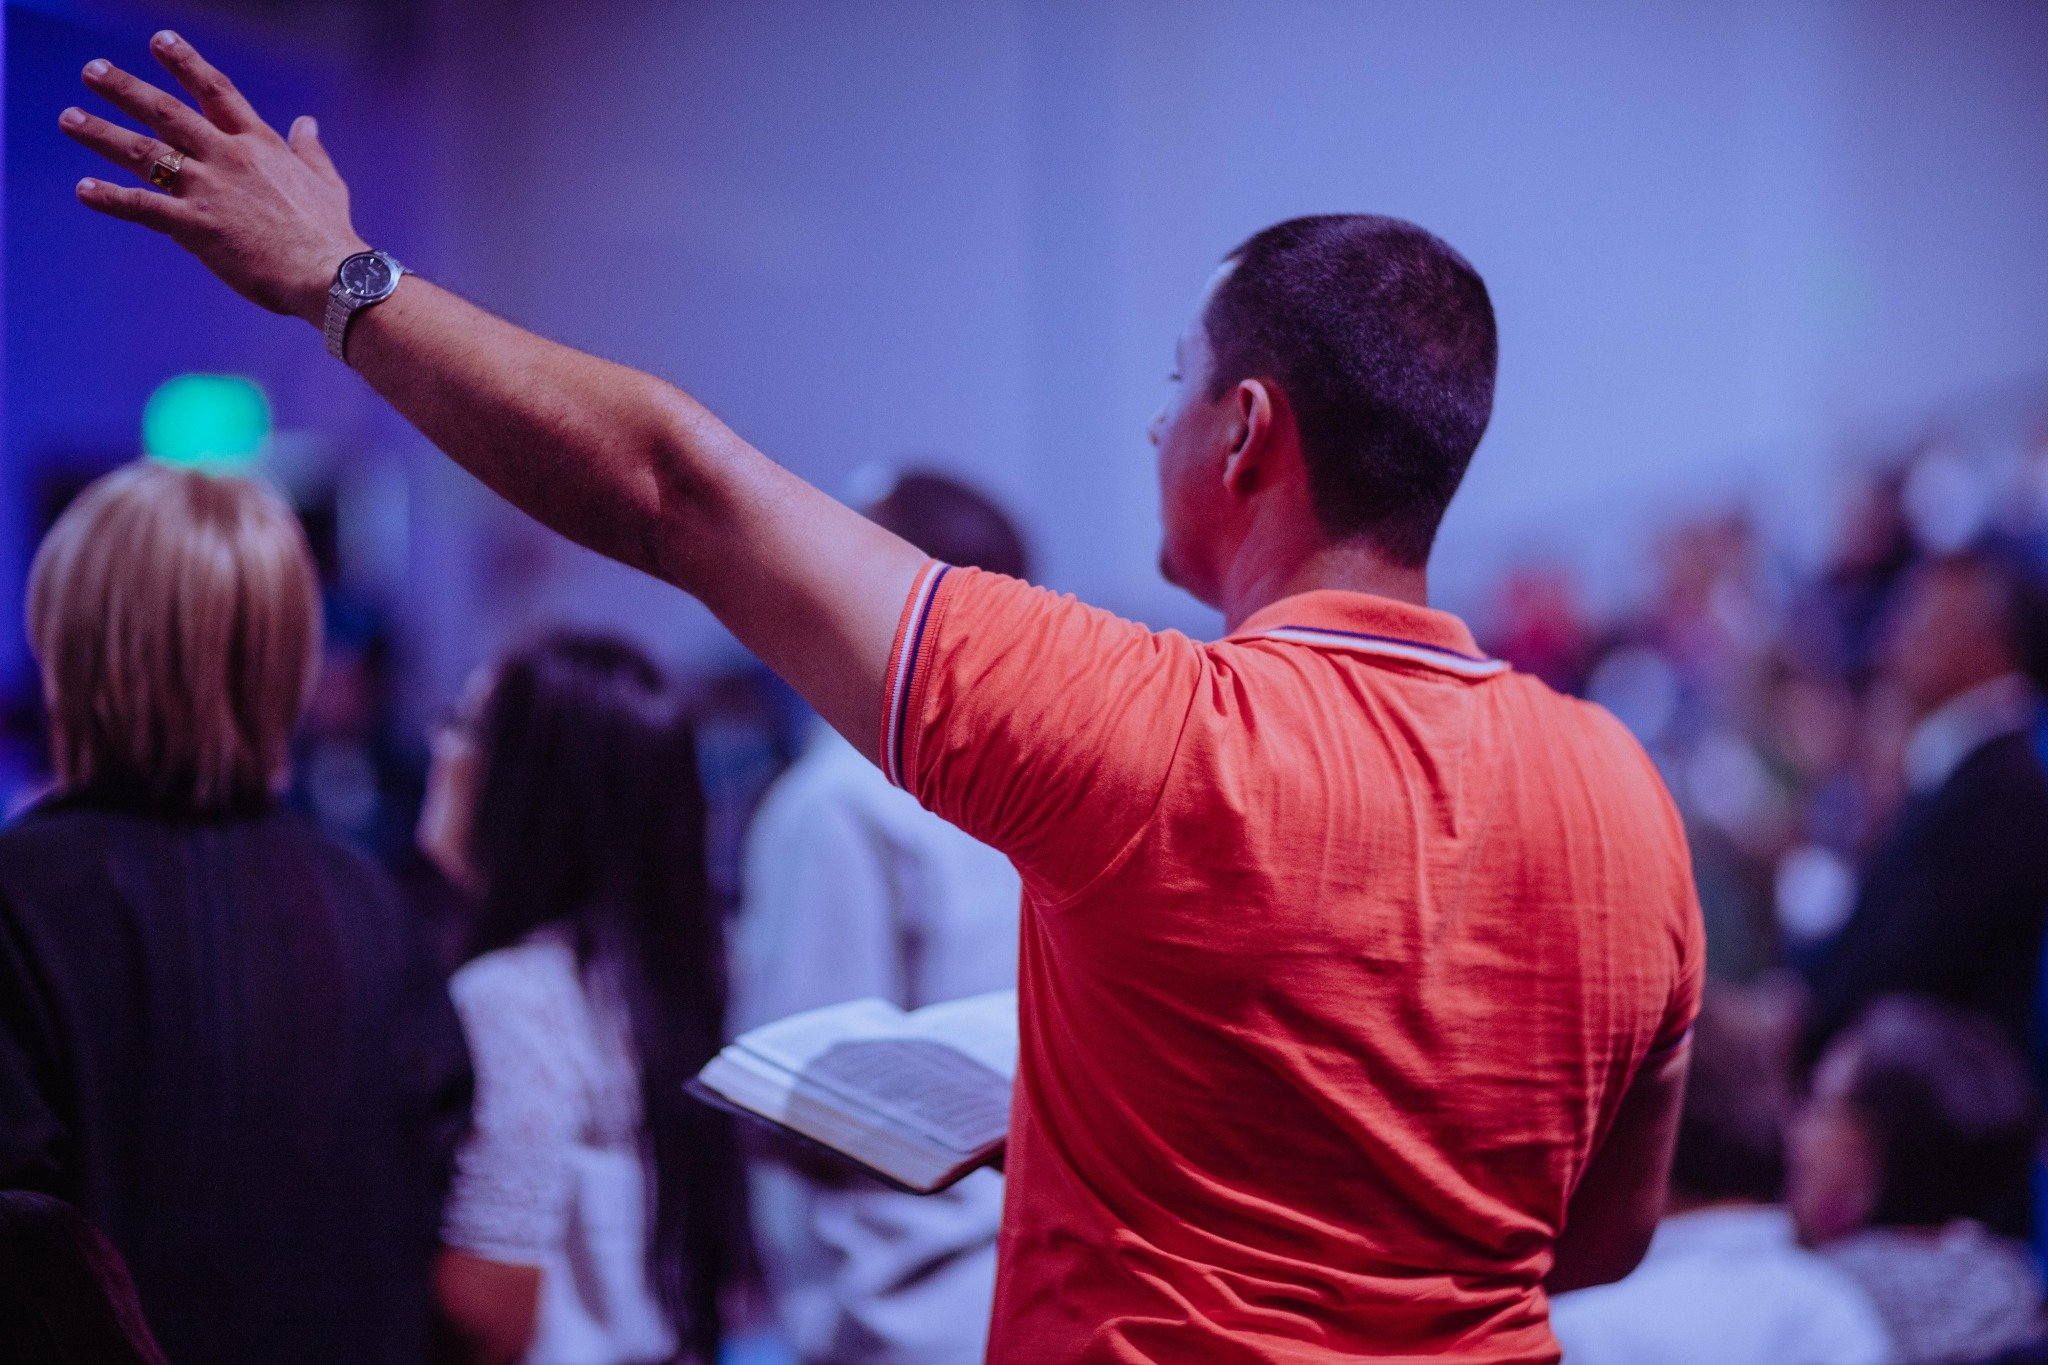 Cristão adorando a Deus